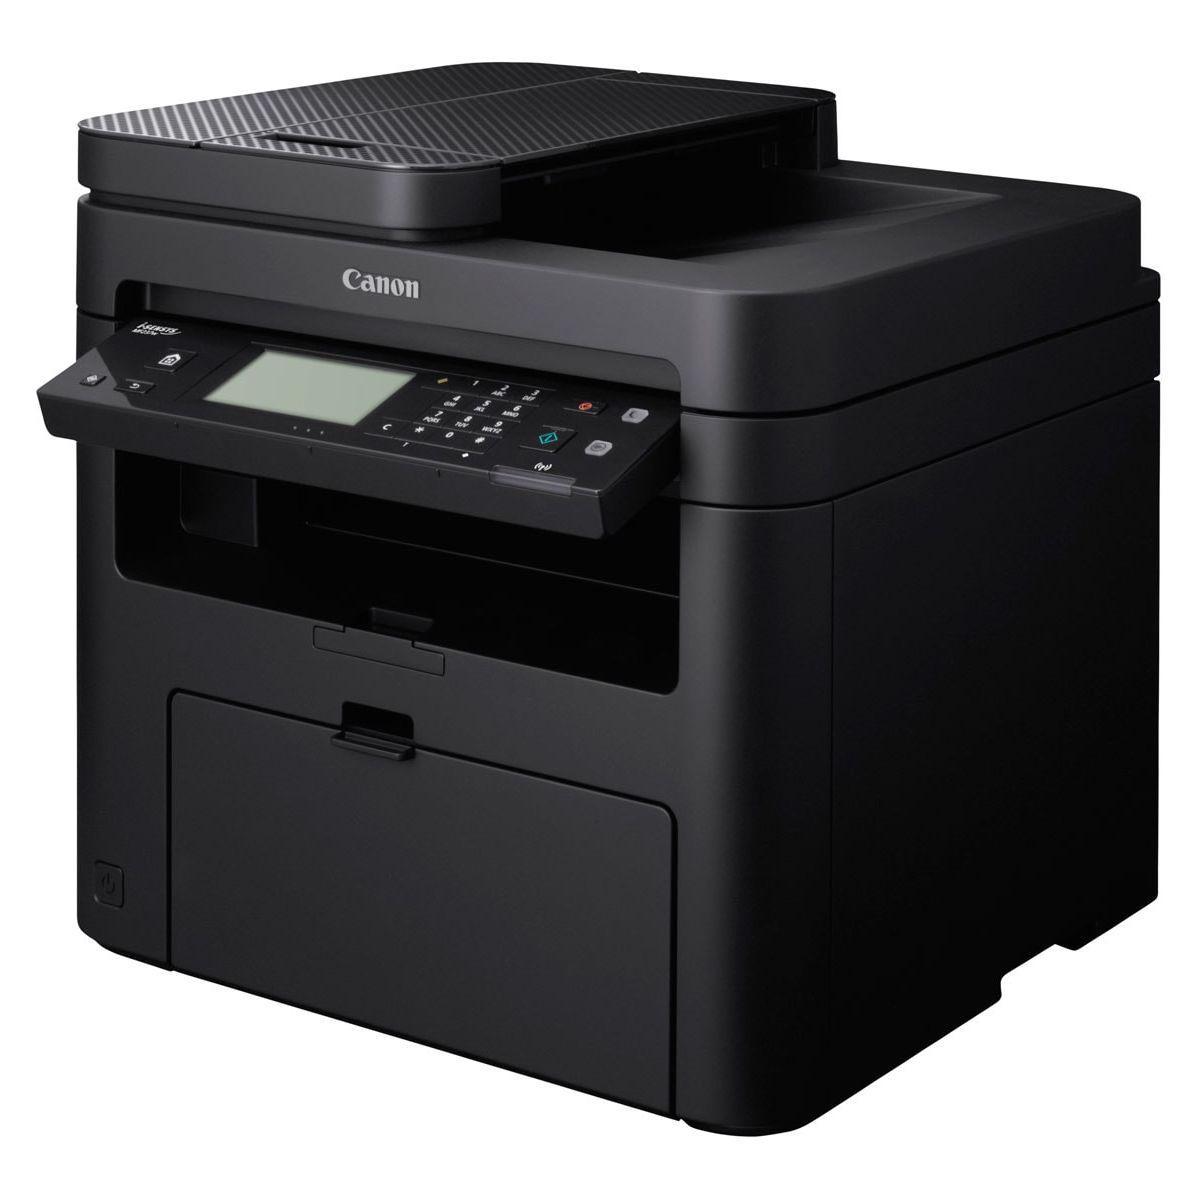 Imprimante canon i-sensys mf237w - 15% de remise imm�diate avec le code : wd15 (photo)